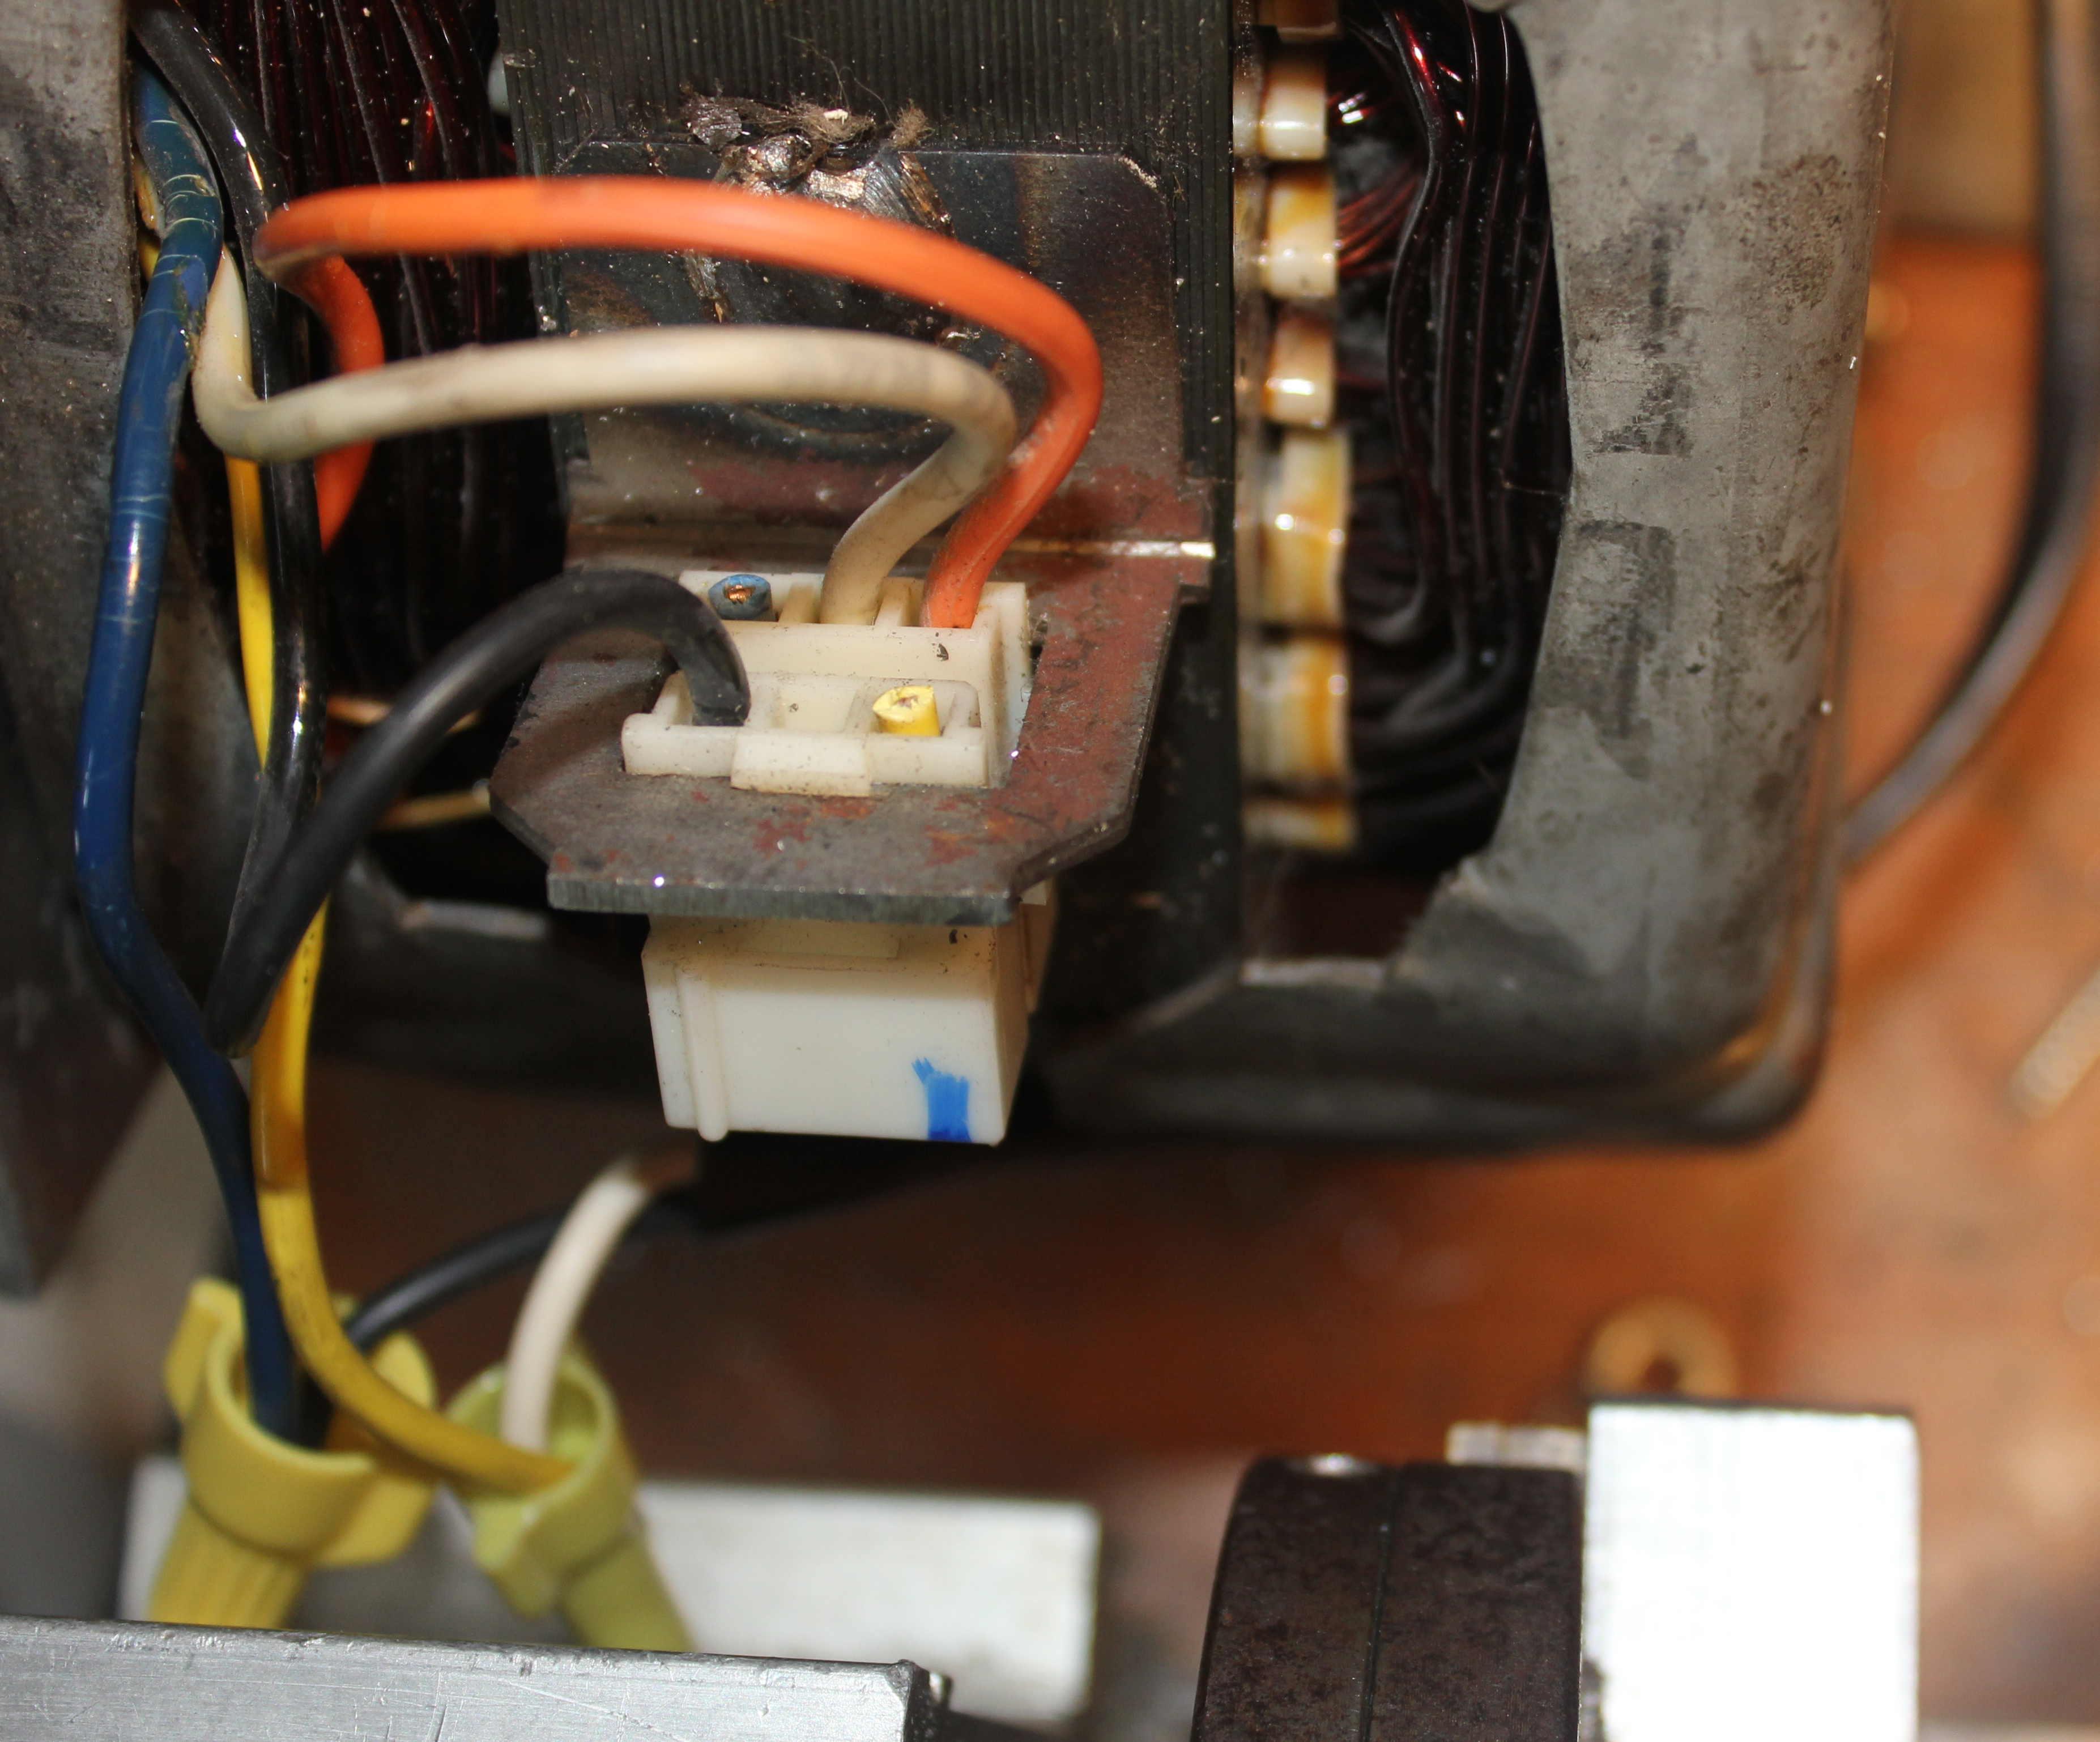 General Electric Washing Machine Motor Wiring Diagram Wiring Diagram Not Center